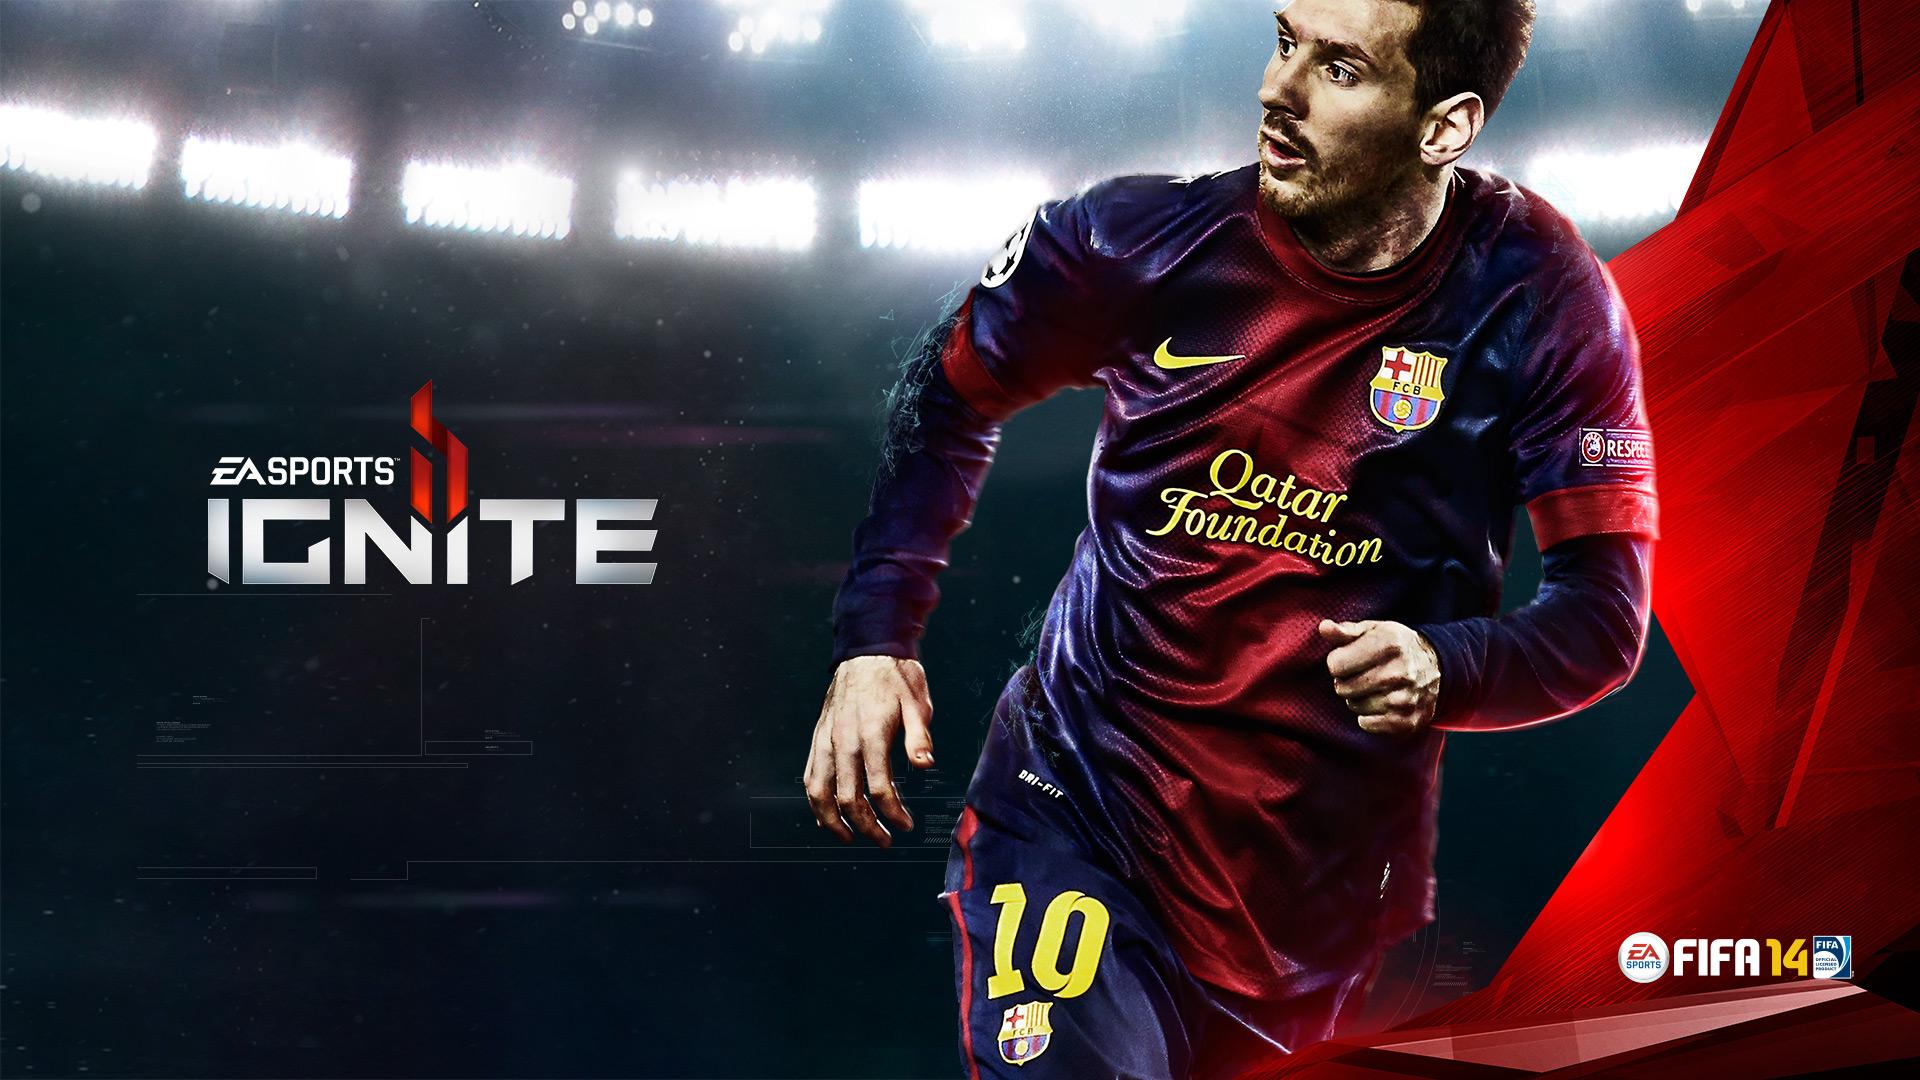 Lionel Messi fifa 2014 Desktop Wallpaper   Football HD Wallpapers 1920x1080